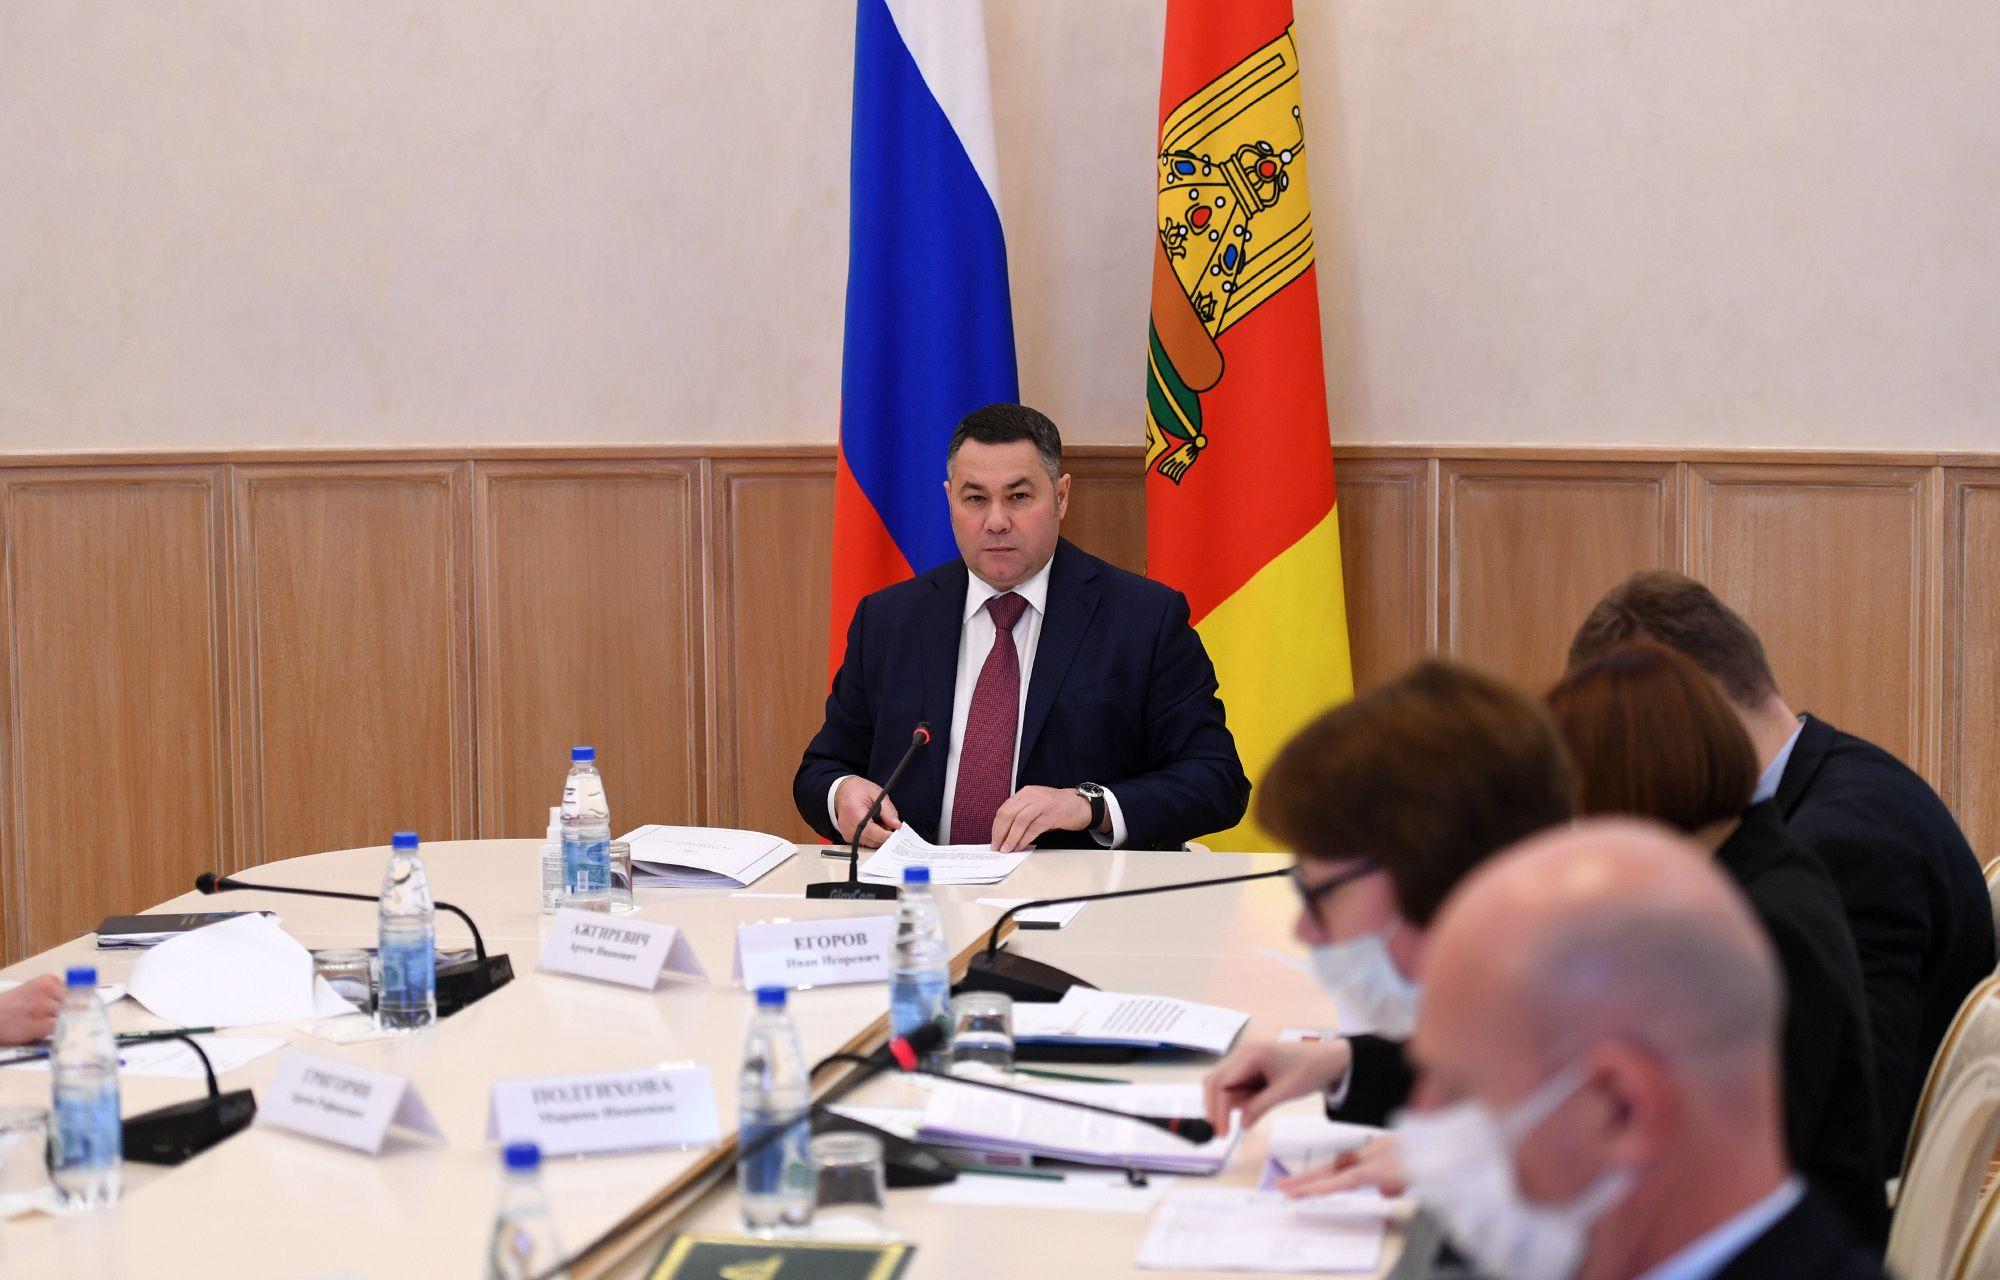 Стали известны размеры выплат семьям с детьми 16 и 17 лет в Тверской области